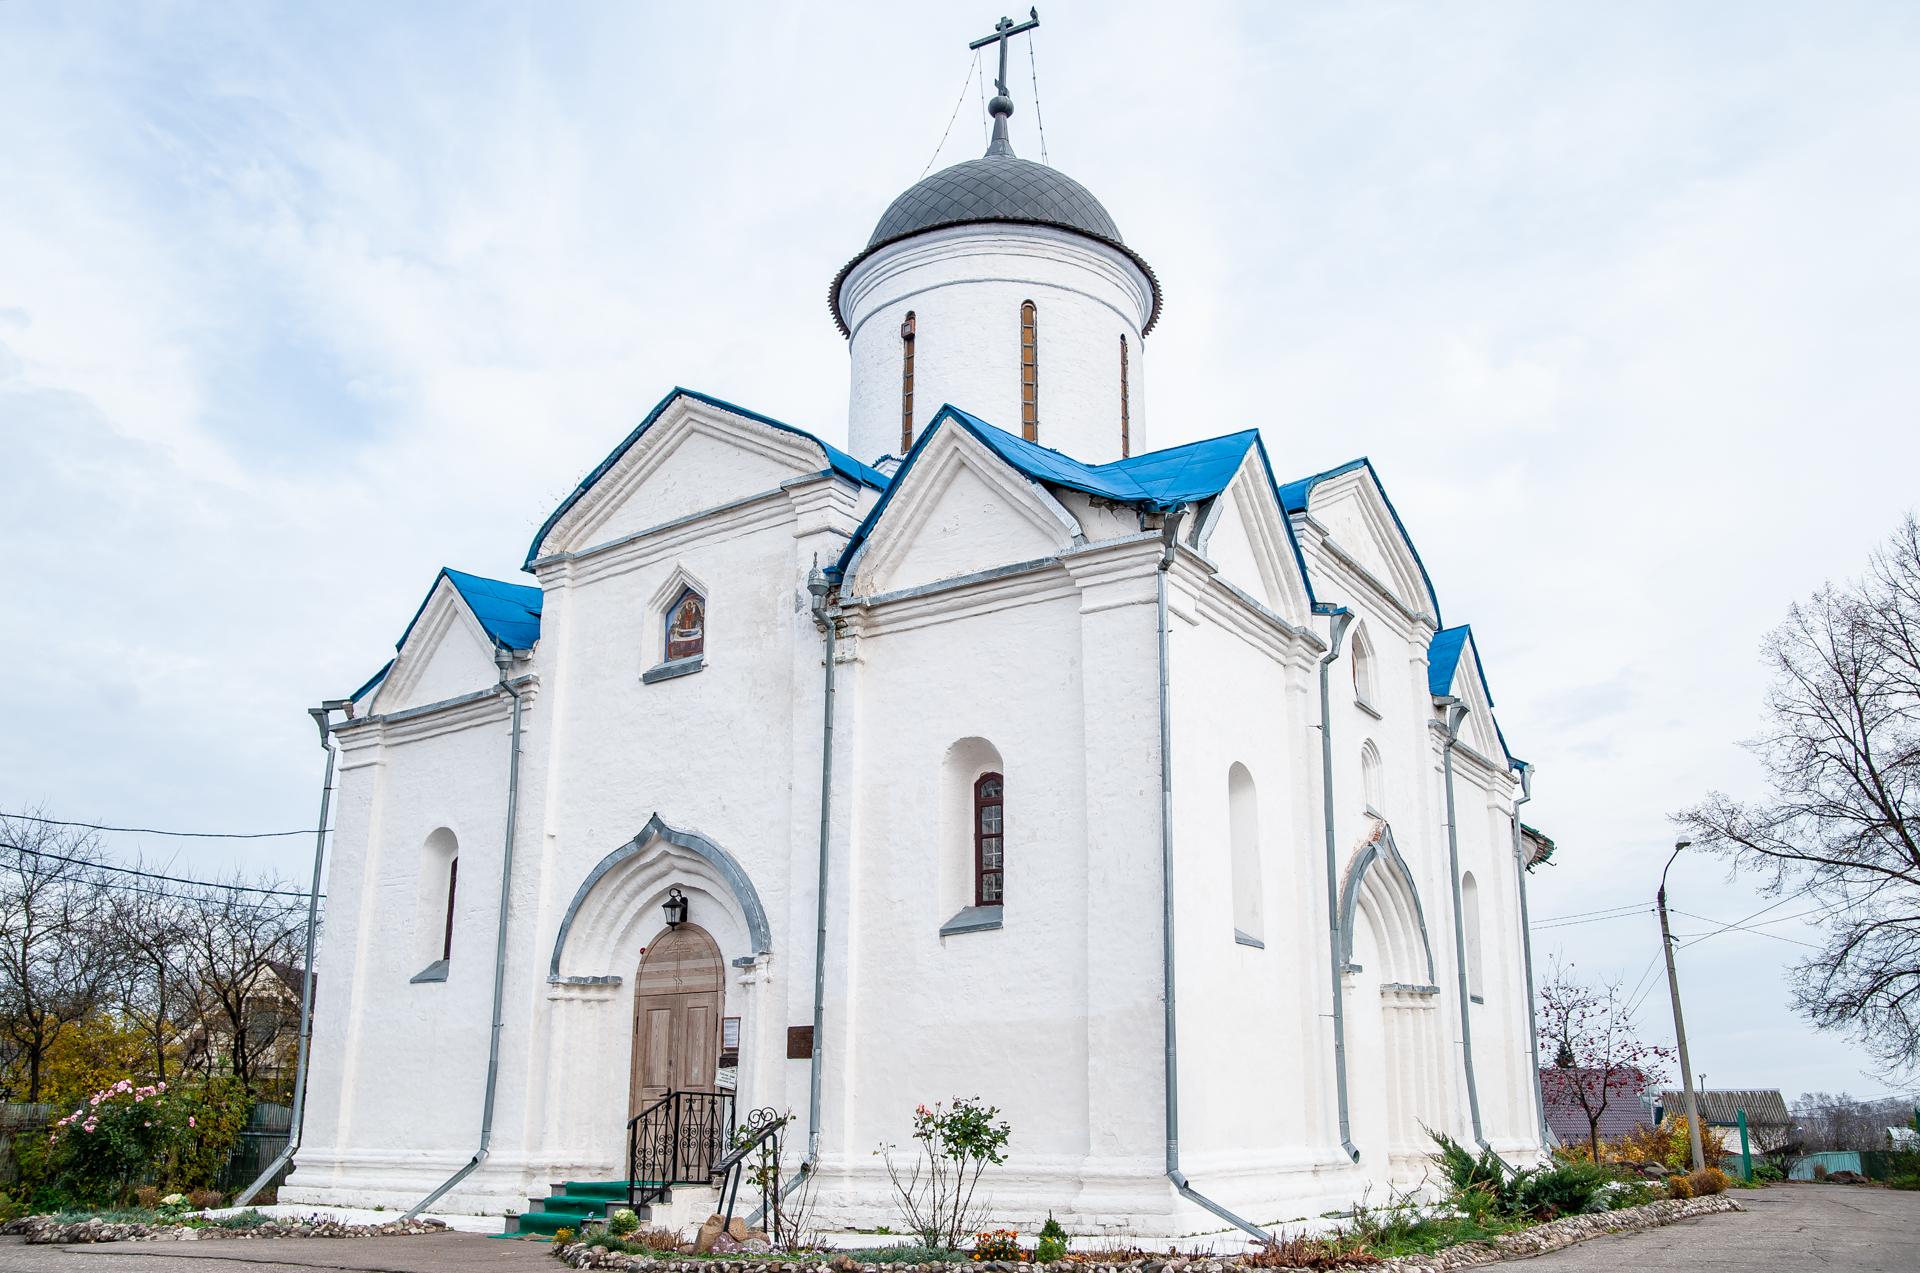 Клин, церковь Успения Пресвятой Богородицы